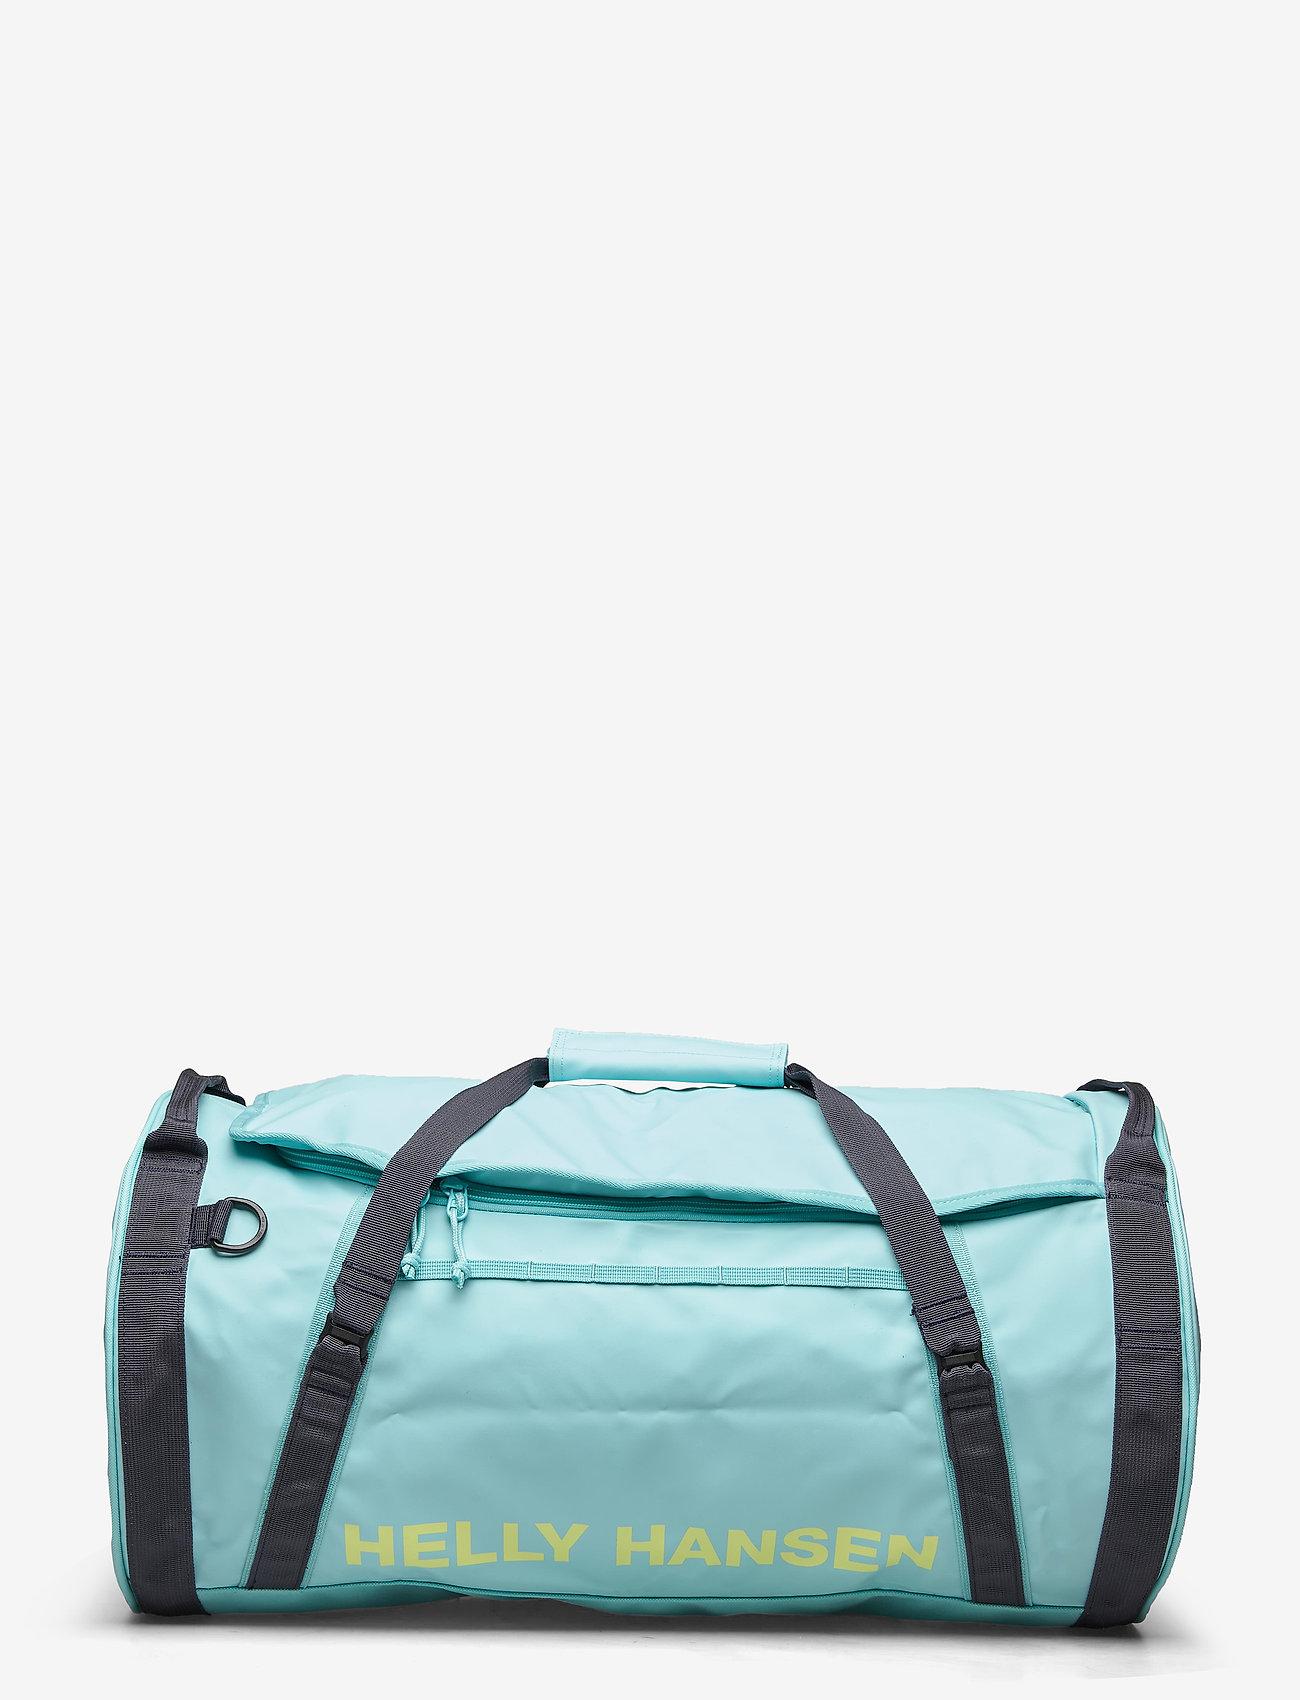 Helly Hansen - HH DUFFEL BAG 2 50L - sacs d'entraînement - glacier blue / graphite bl - 0